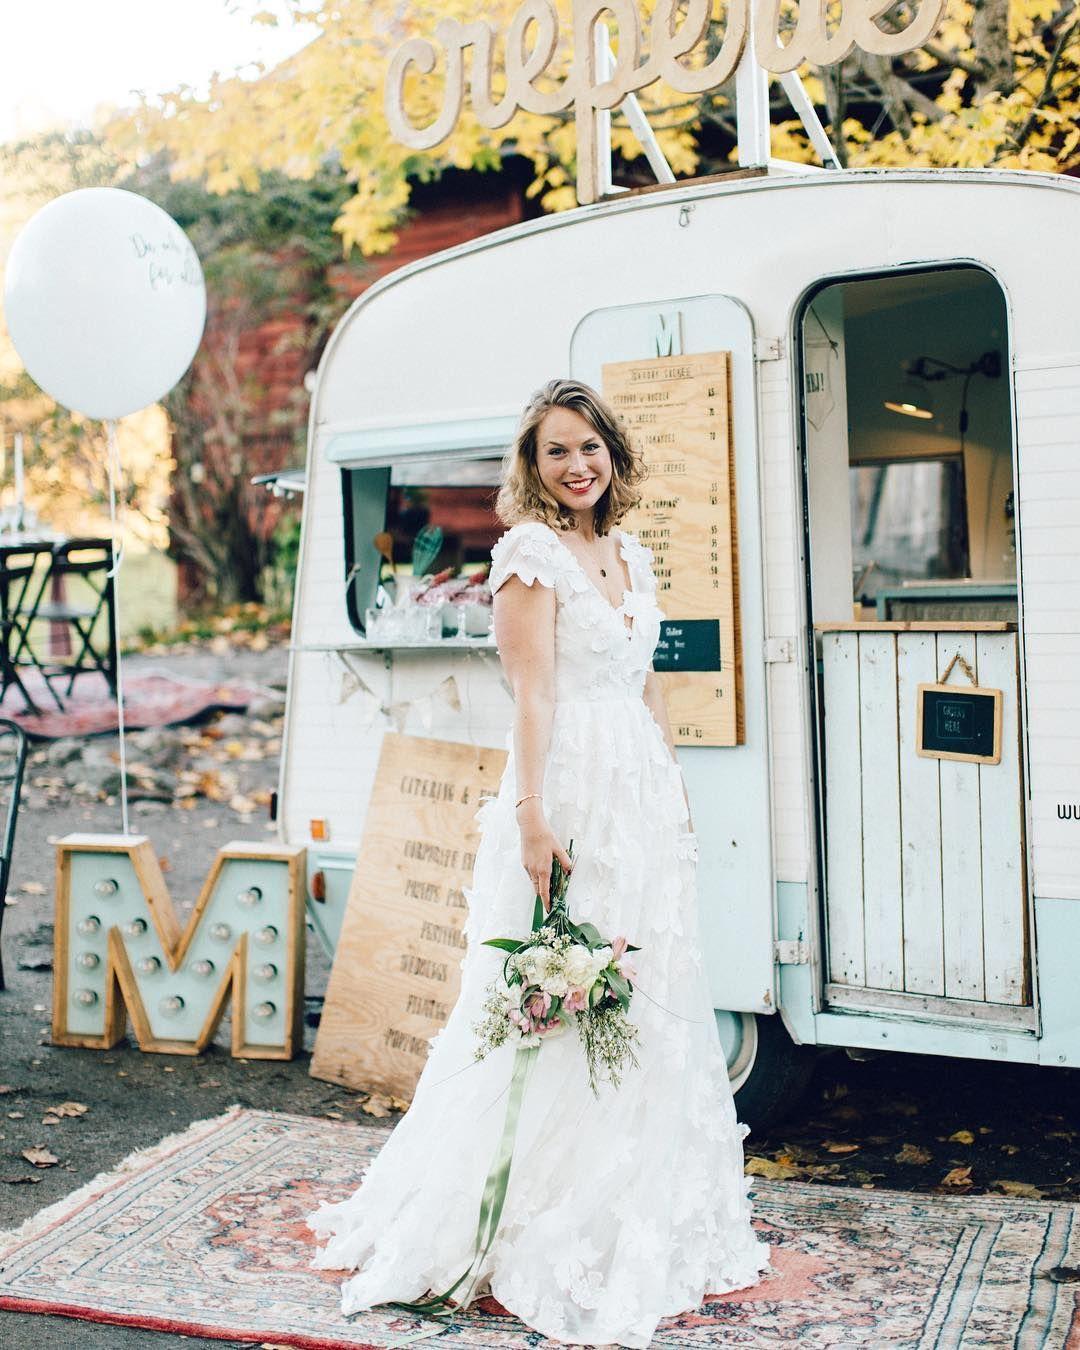 10 Verruckte Und Ausgefallene Hochzeitsideen Hochzeit